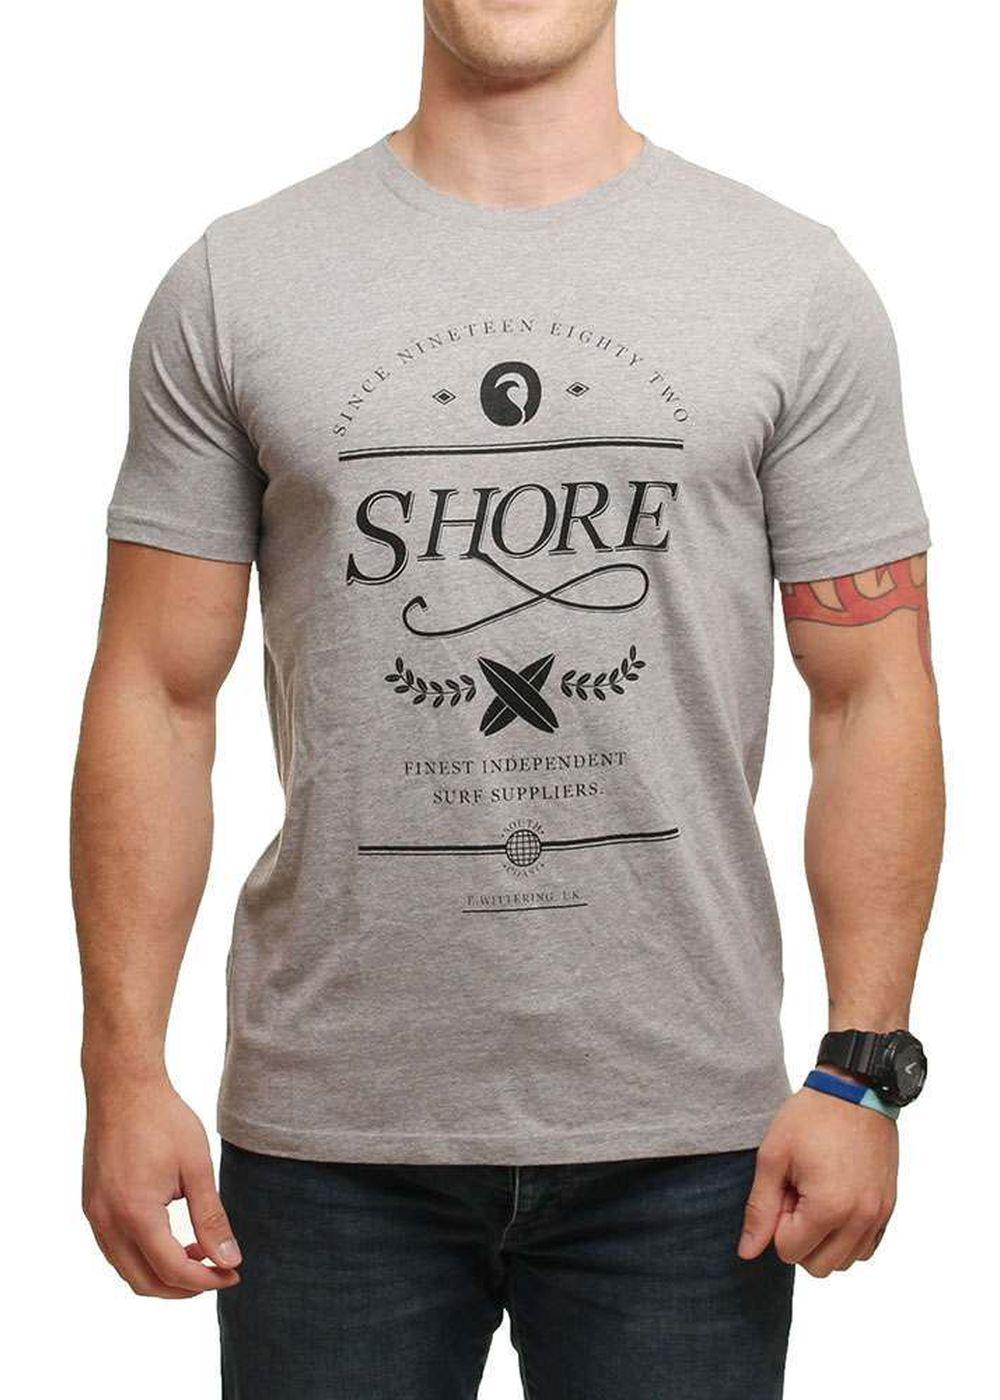 http://www.shore.co.uk/media/catalog/product/S/H/SHCLASGRa.jpg